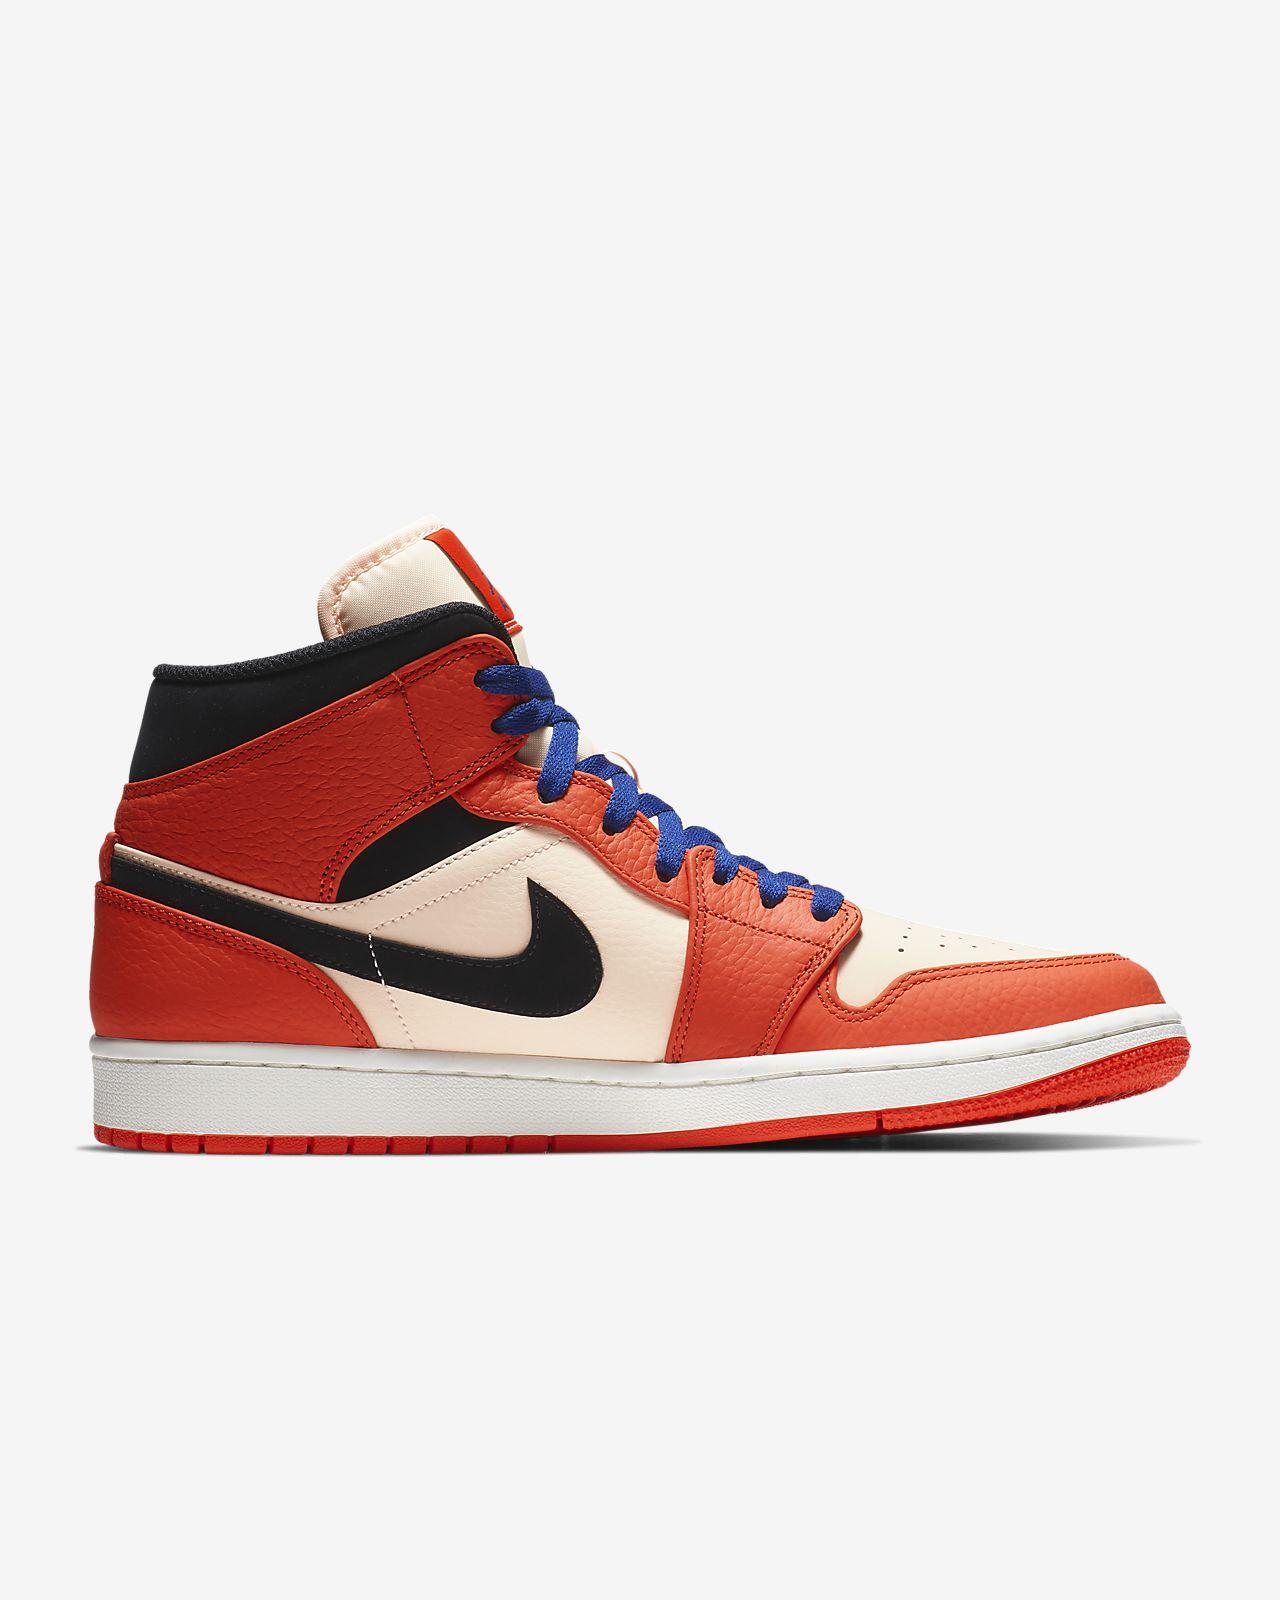 7934706ddd9e Air Jordan 1 Mid SE Men s Shoe. Nike.com